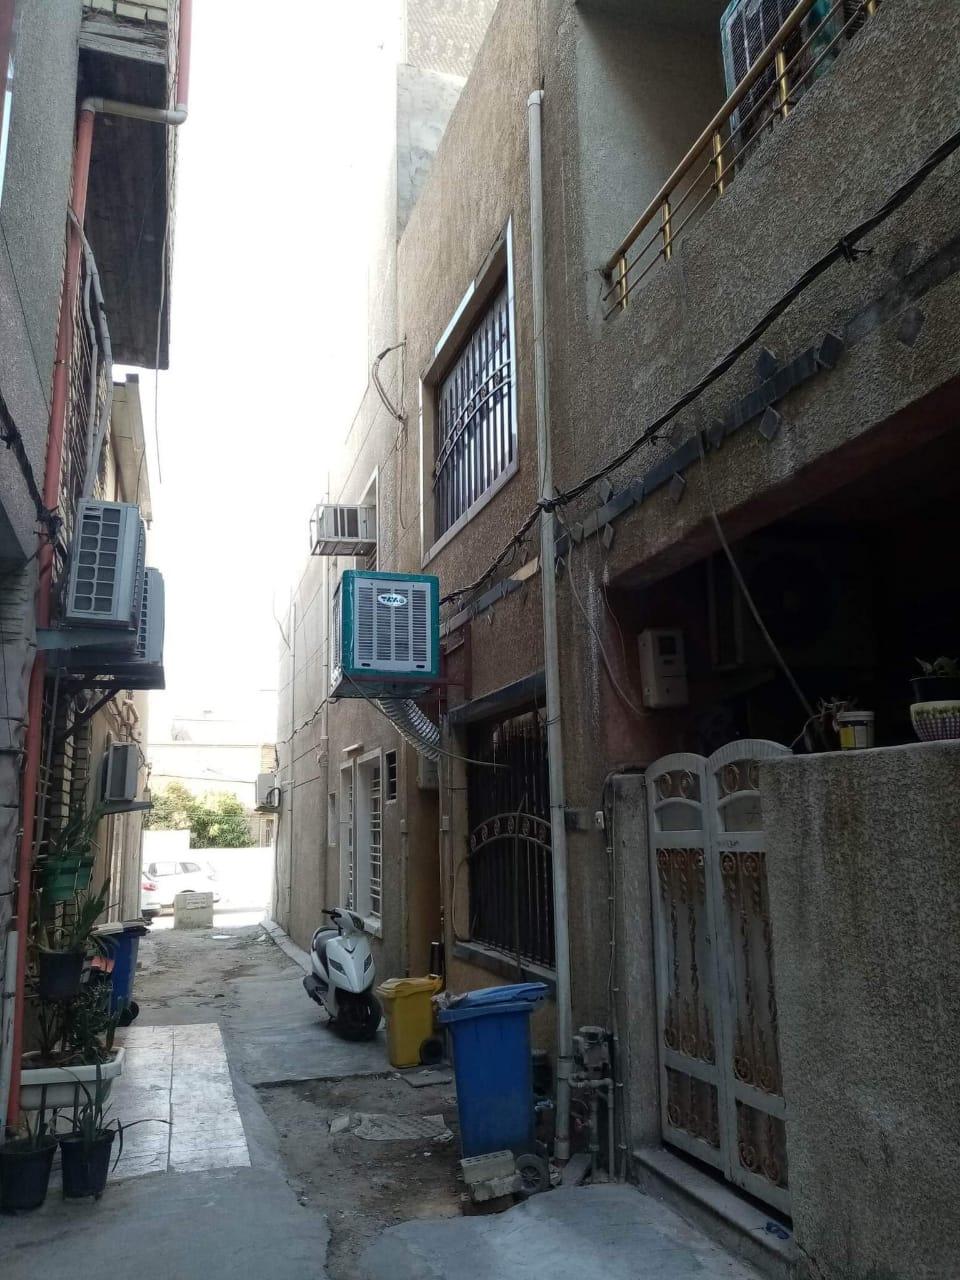 دار للبيع في بغداد الاعظمية شارع الاخطل